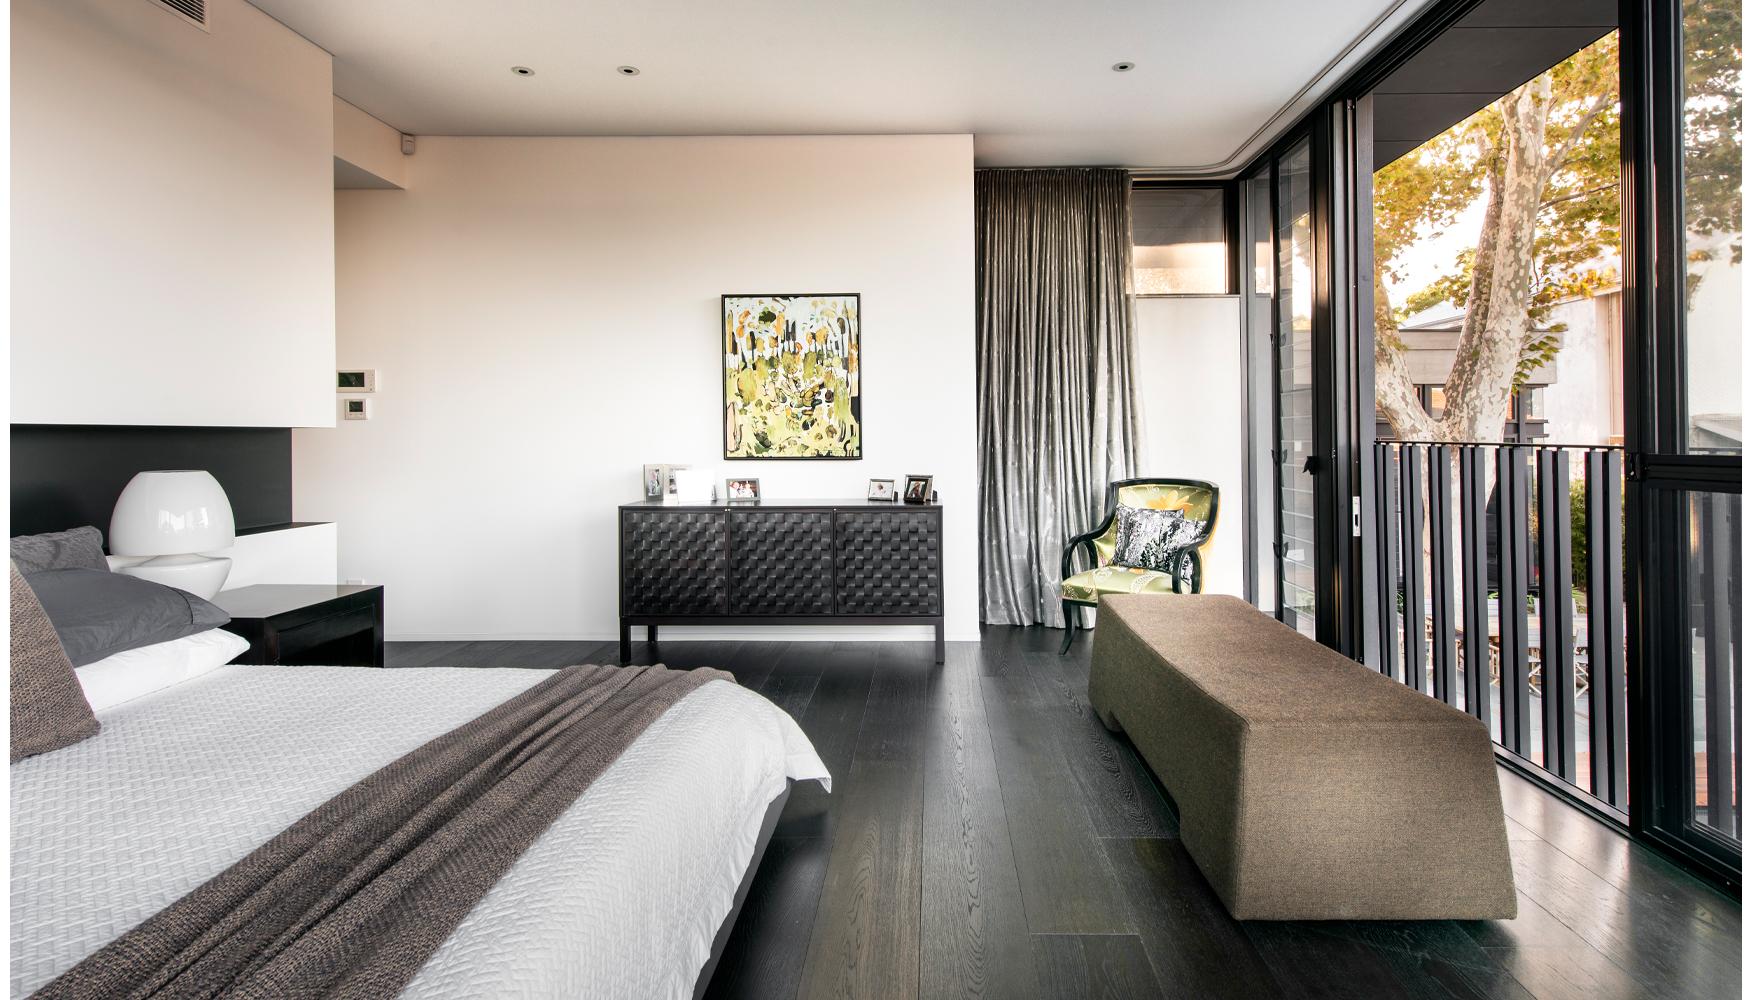 maek-luxury-home-design-inspiration-peppermintgrove-27v-bedroom-gallery-10.jpg